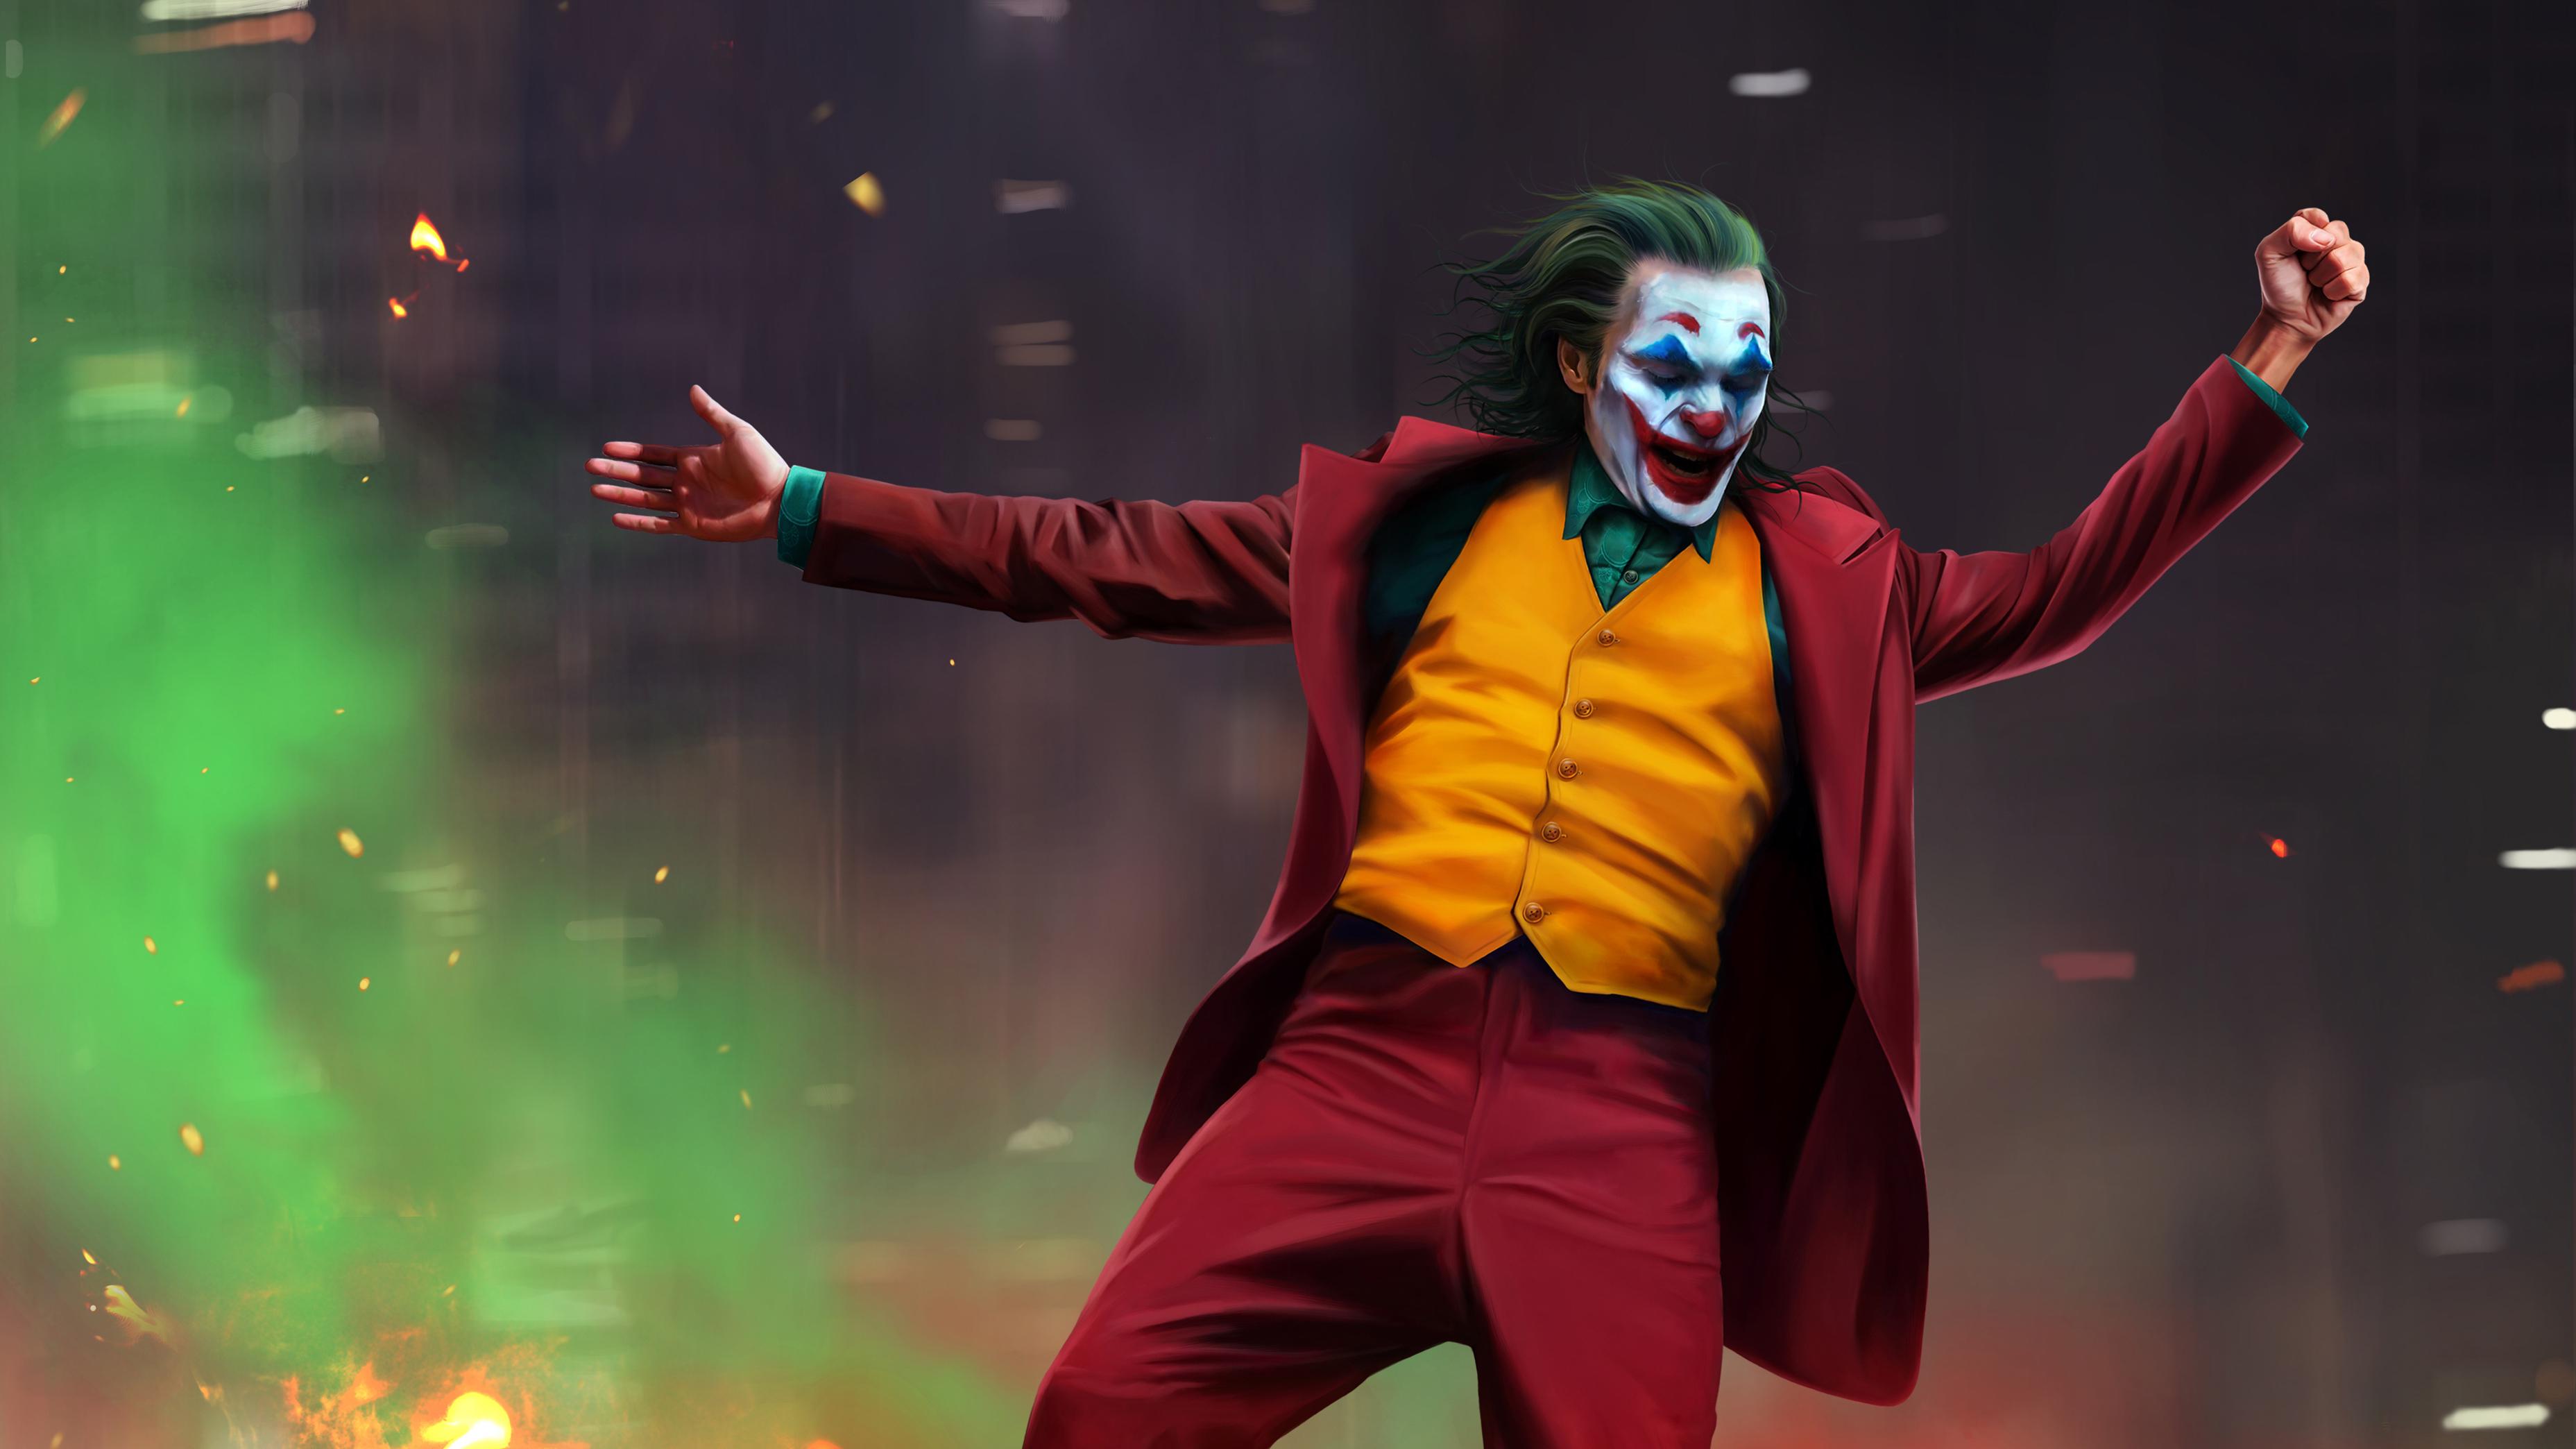 Joaquin Phoenix As The Joker Hd Wallpaper Hintergrund